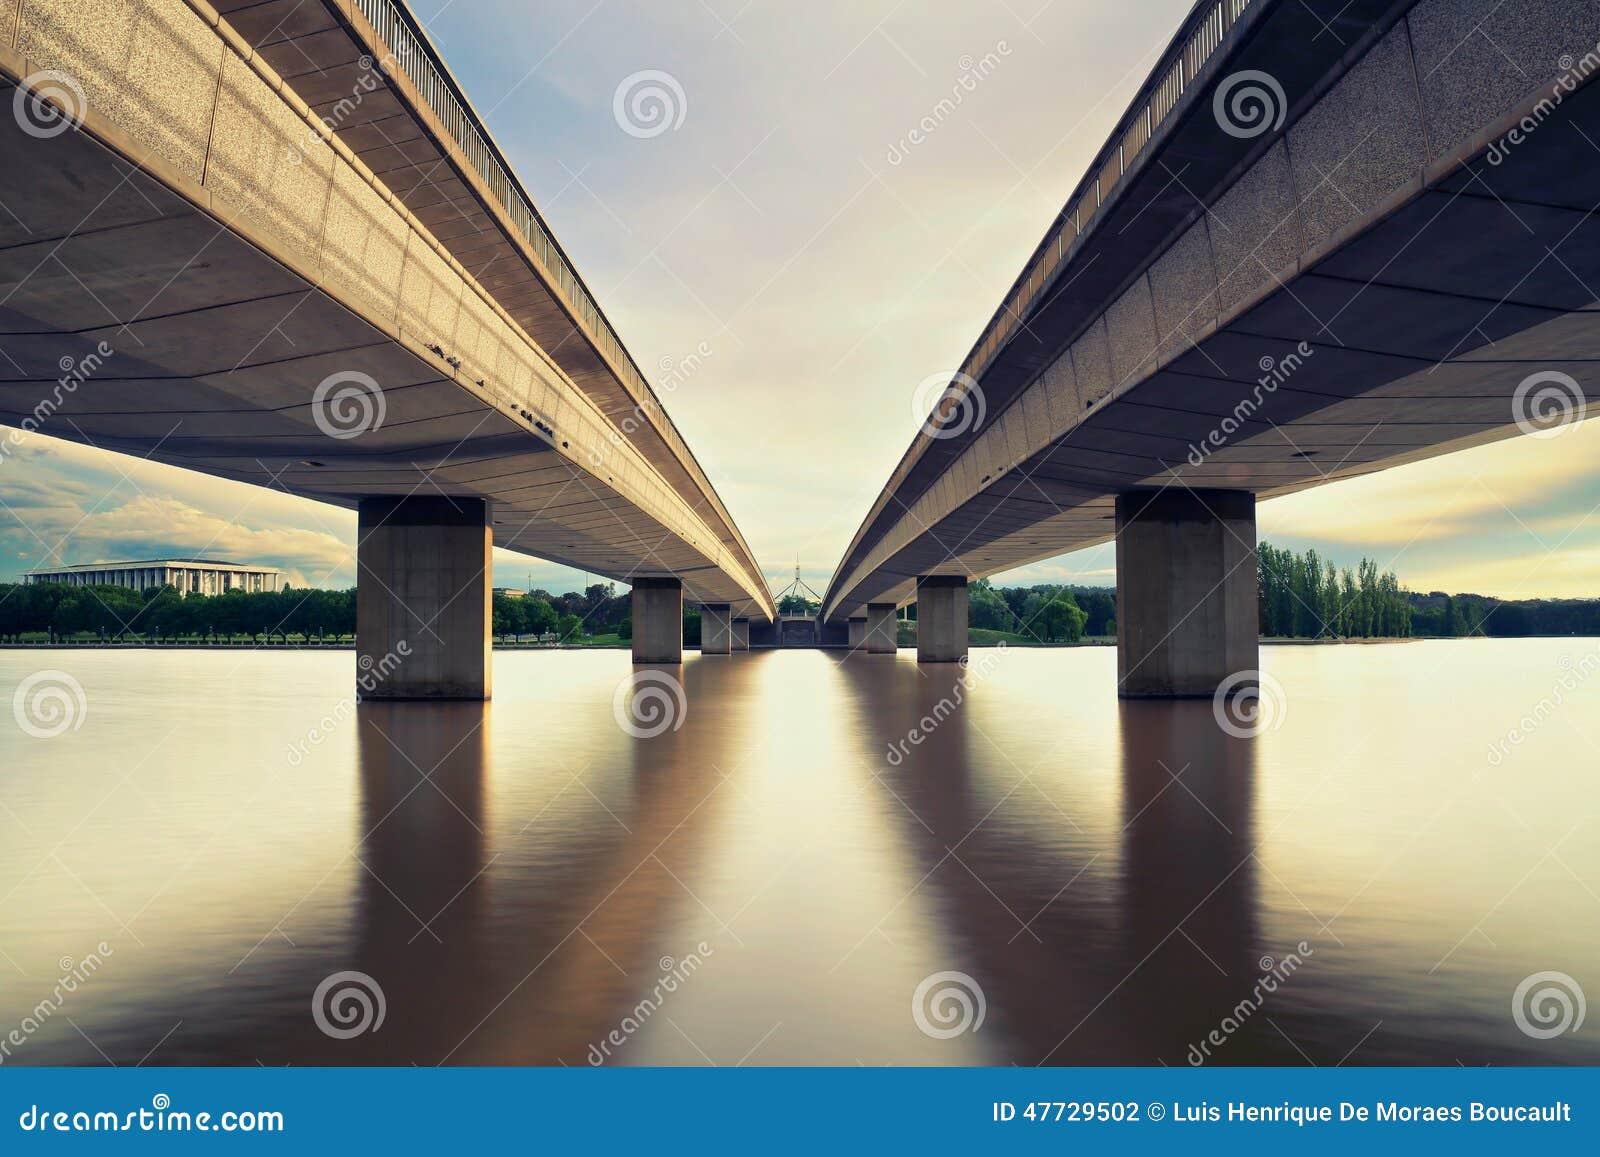 Canberra et 2 ponts